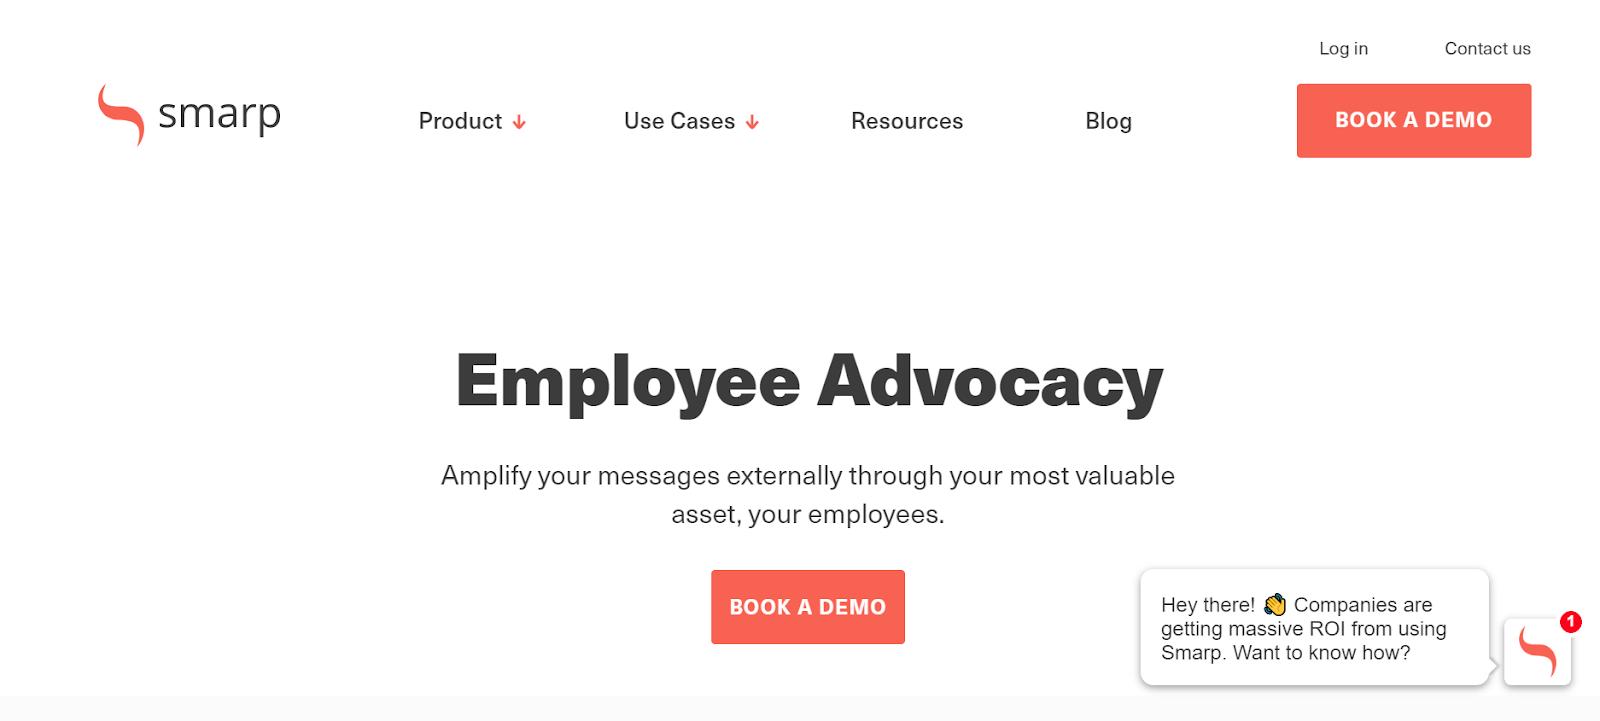 Smarp Employee Advocacy Tools